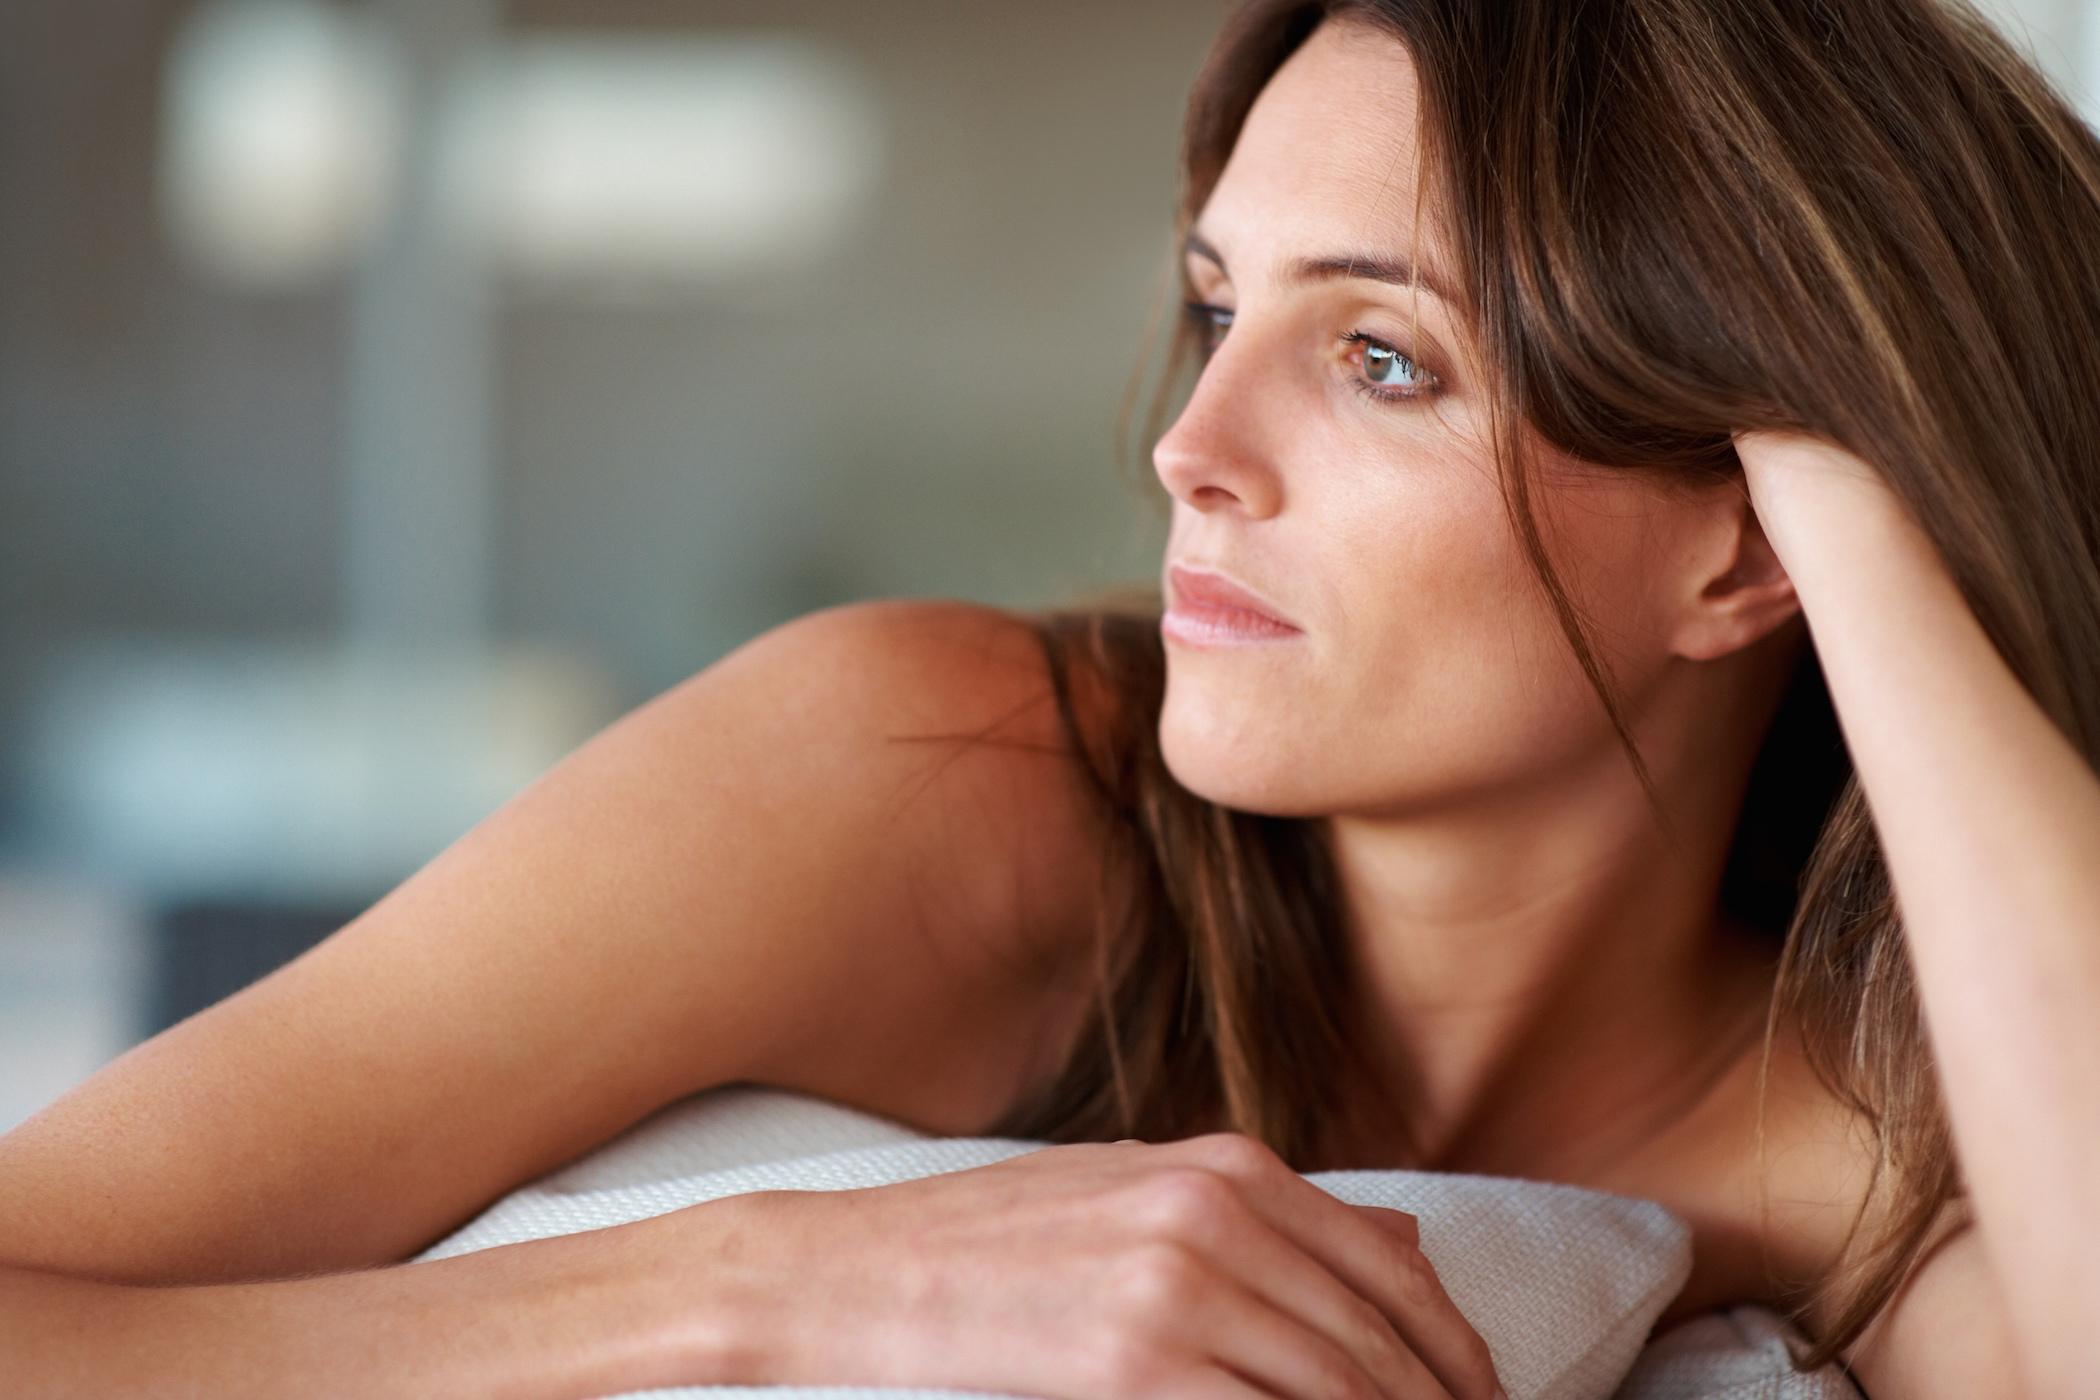 Кризис среднего возраста: что такое, симптомы, признаки, когда начинается